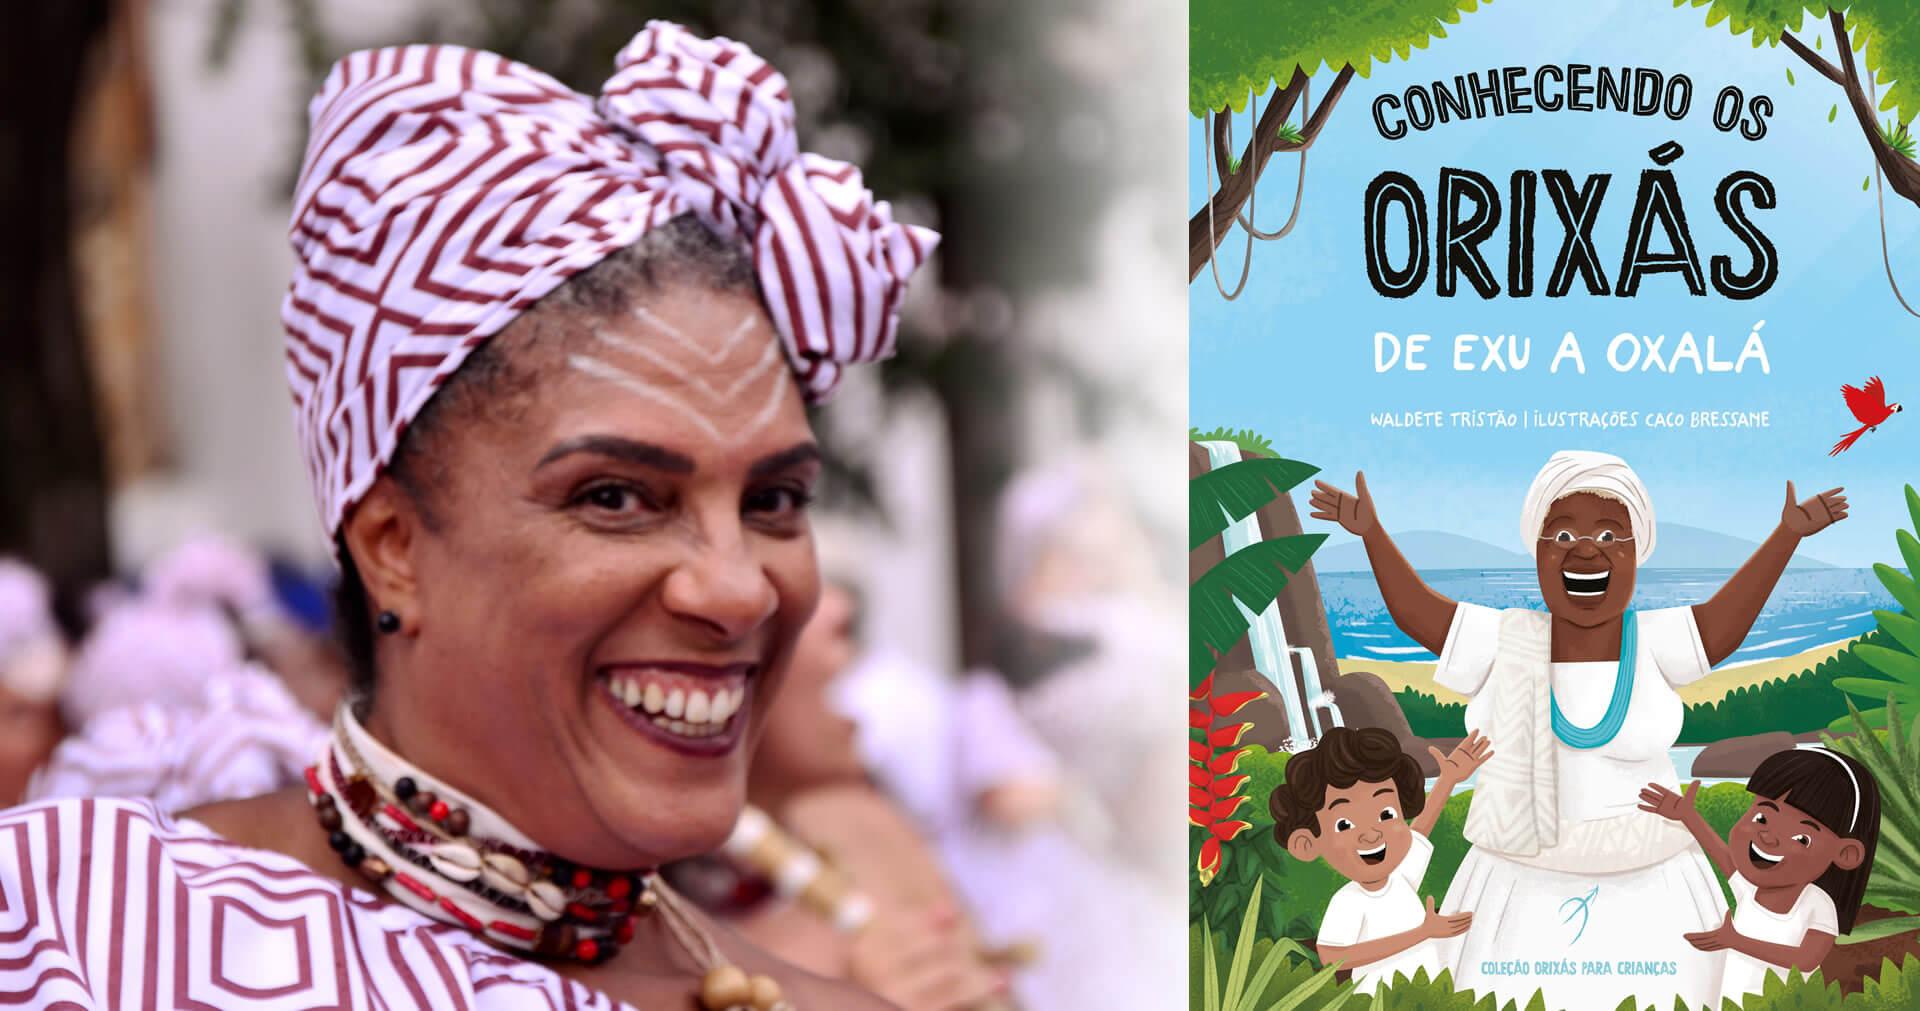 Orixás Para Crianças   Na estreia da Arole Cultural para o público infantil, professora da rede pública apresenta os deuses do candomblé